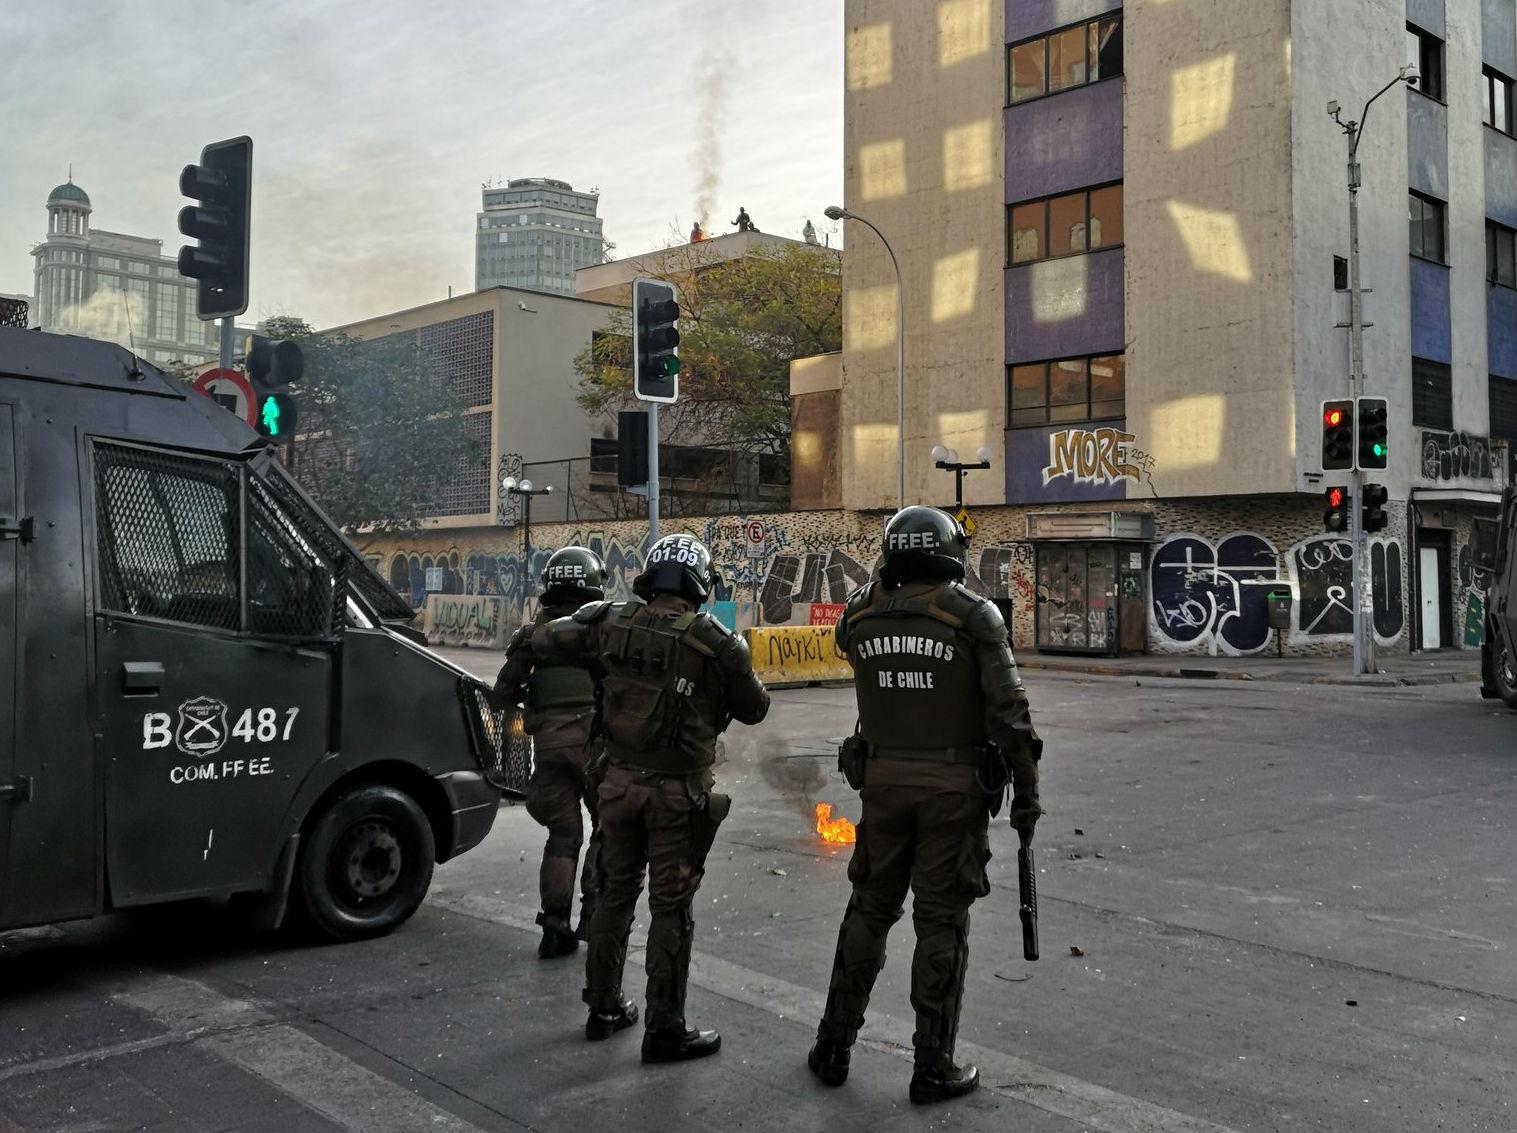 Encapuchados vuelven a enfrentarse a Carabineros en el Instituto Nacional: tuvieron que evacuar a alumnos